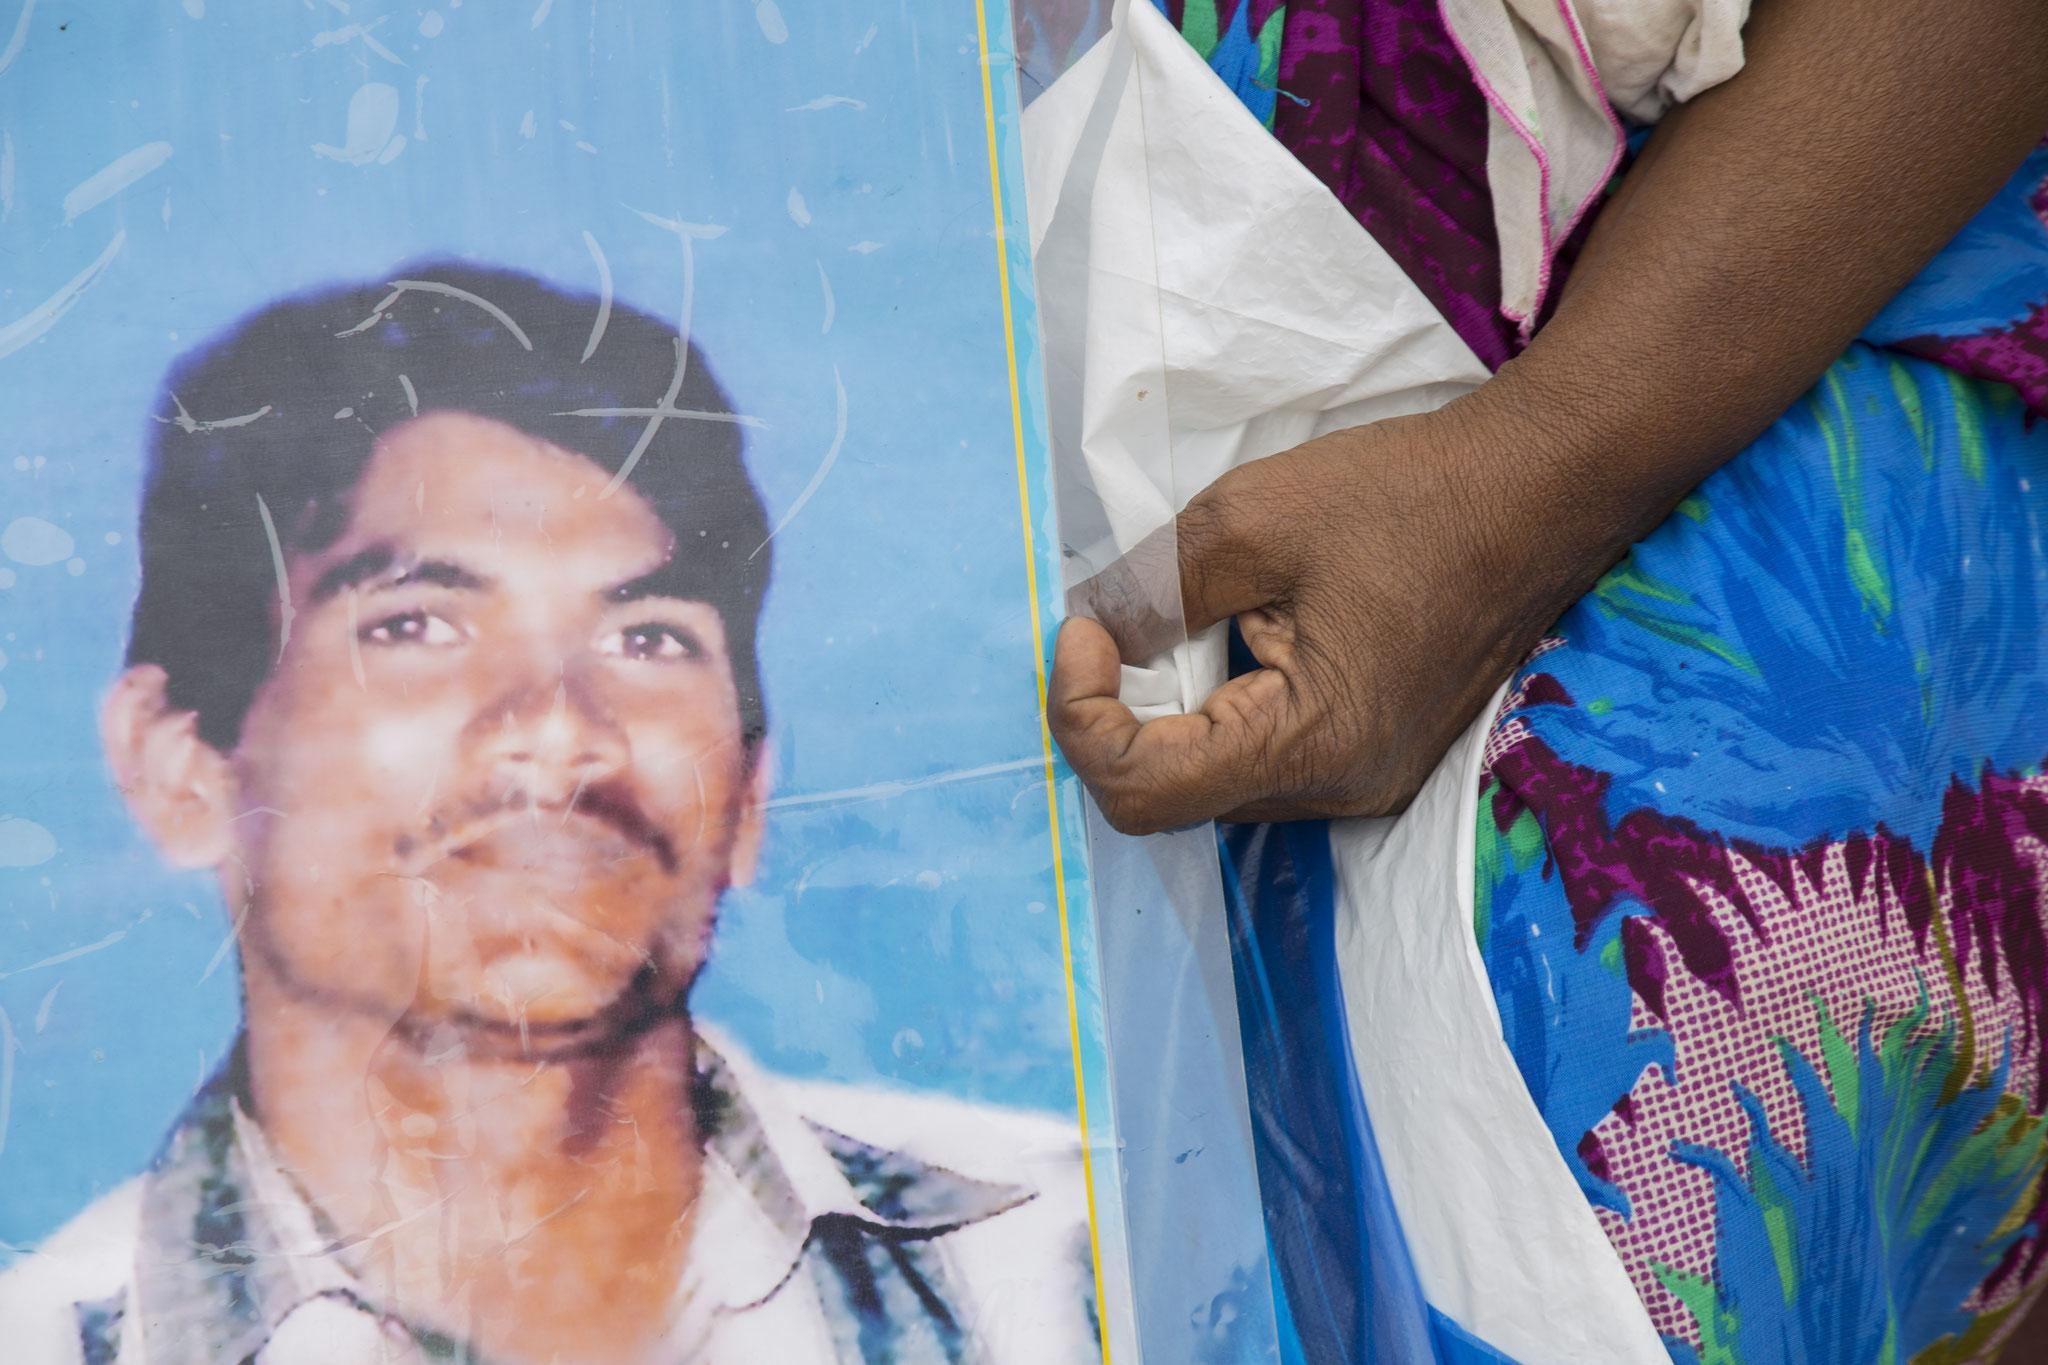 Auf der Demonstration am Human Rights Day hält eine Frau das Bild eines vermissten Familienmitglieds. Mullaitivu, 2018